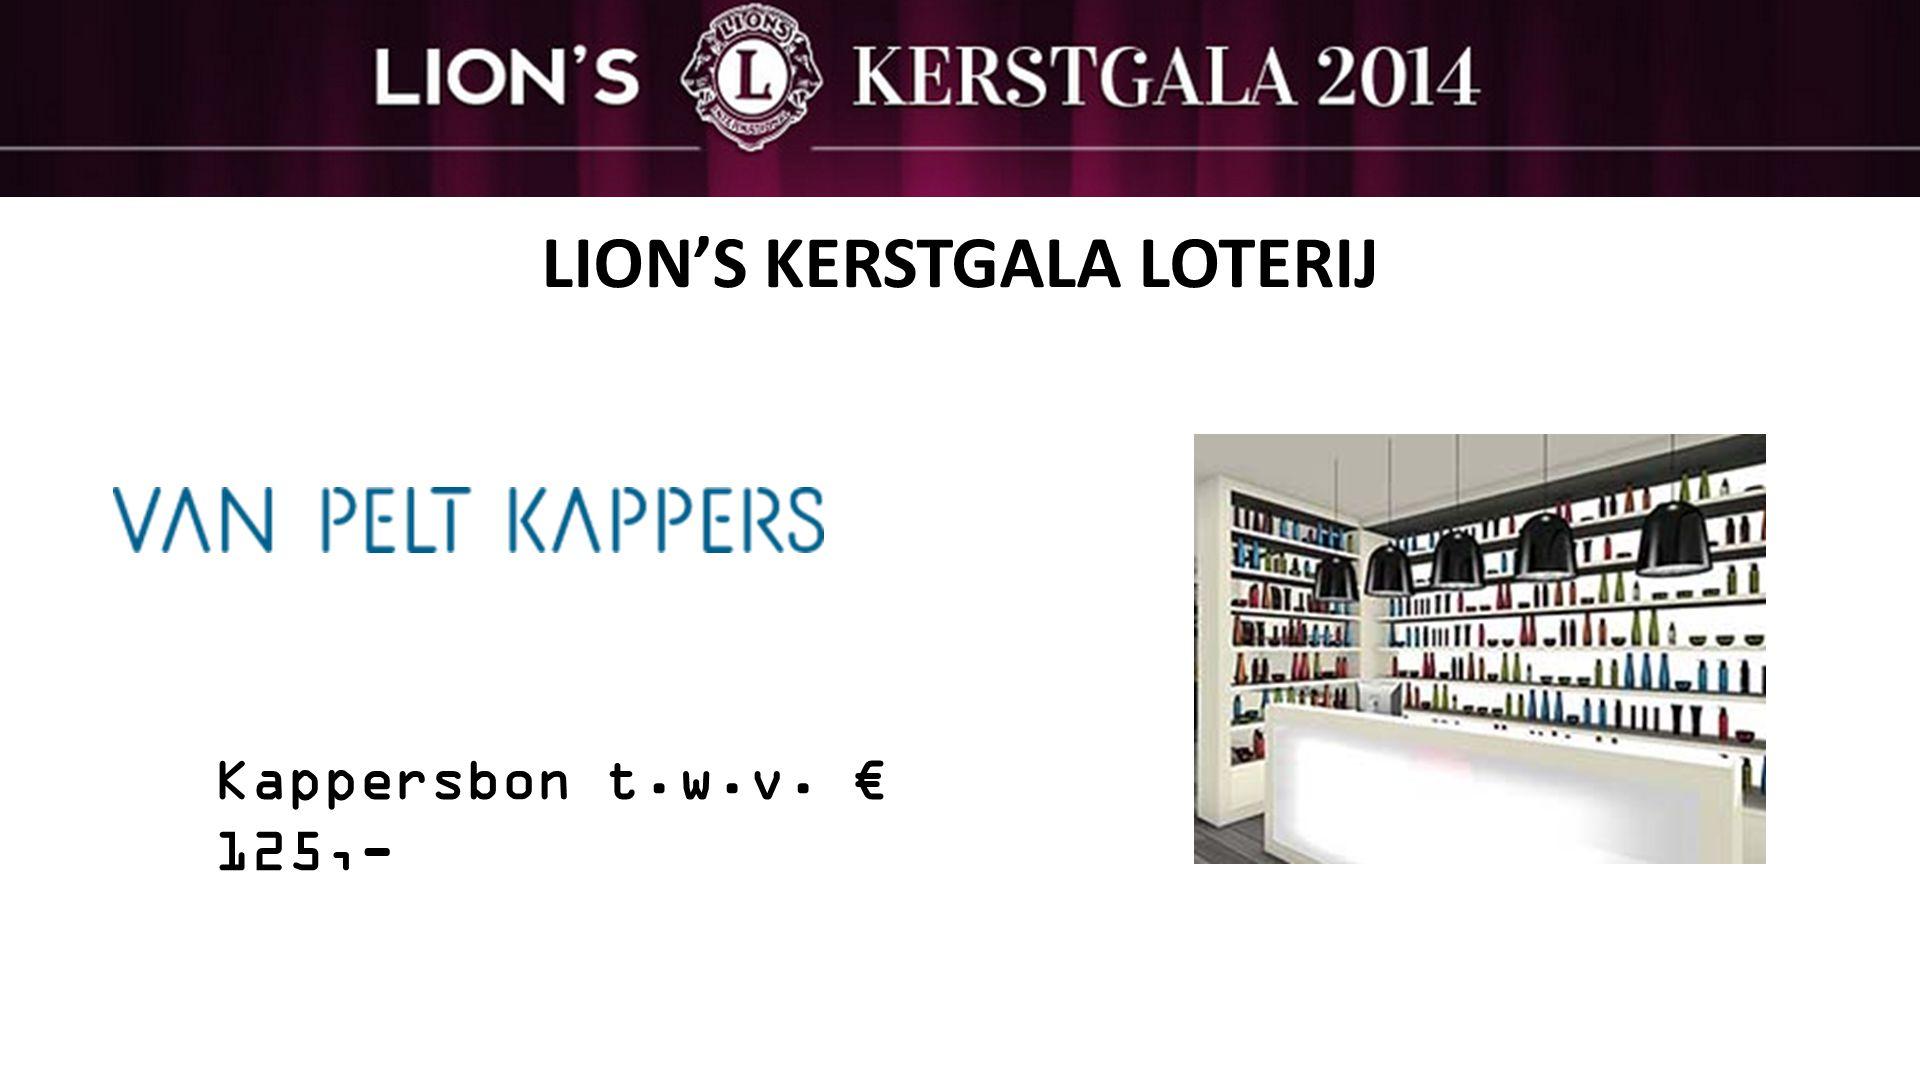 LION'S KERSTGALA LOTERIJ Kappersbon t.w.v. € 125,-